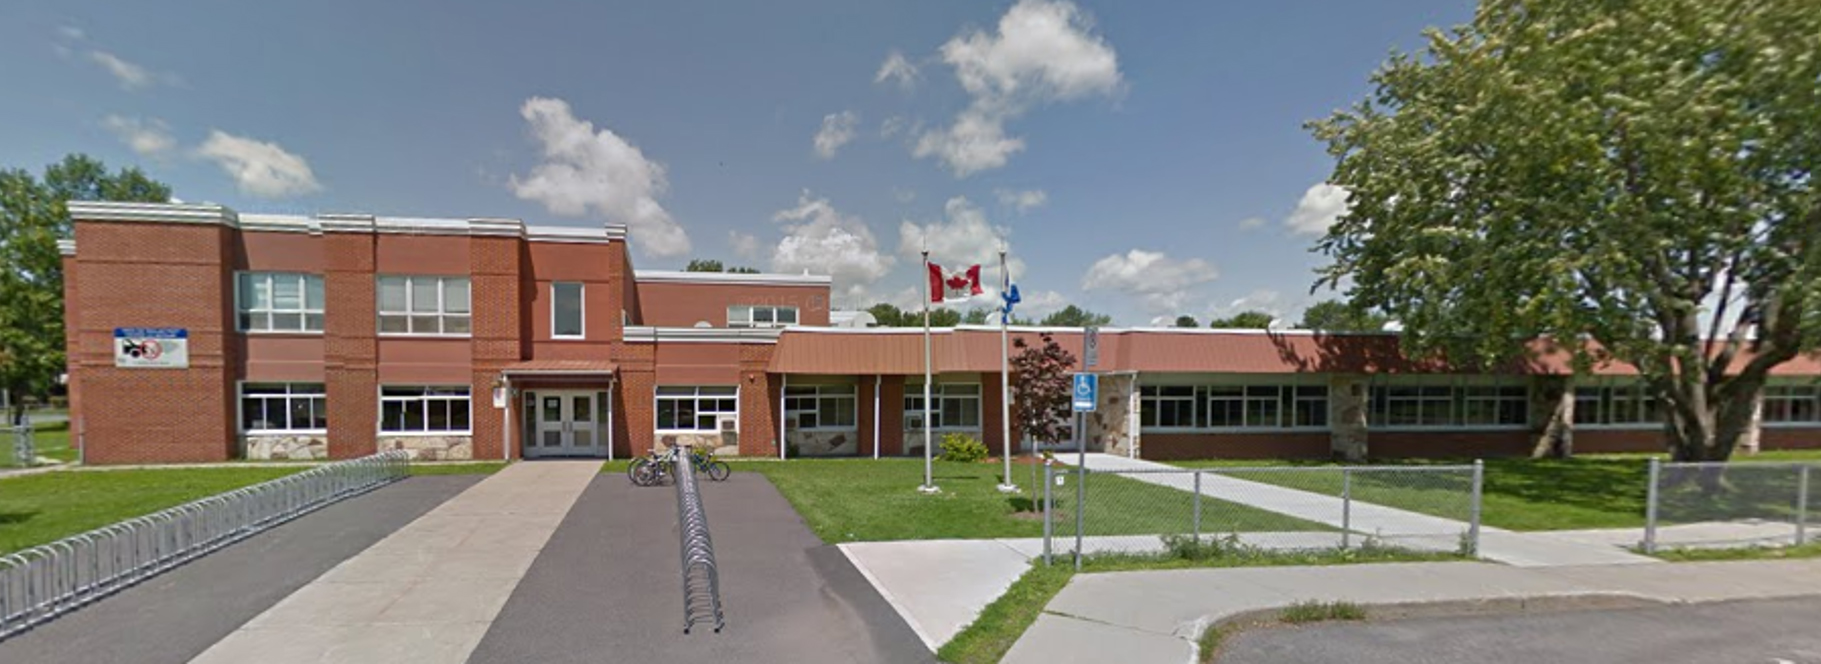 Ecole-St-Eugene